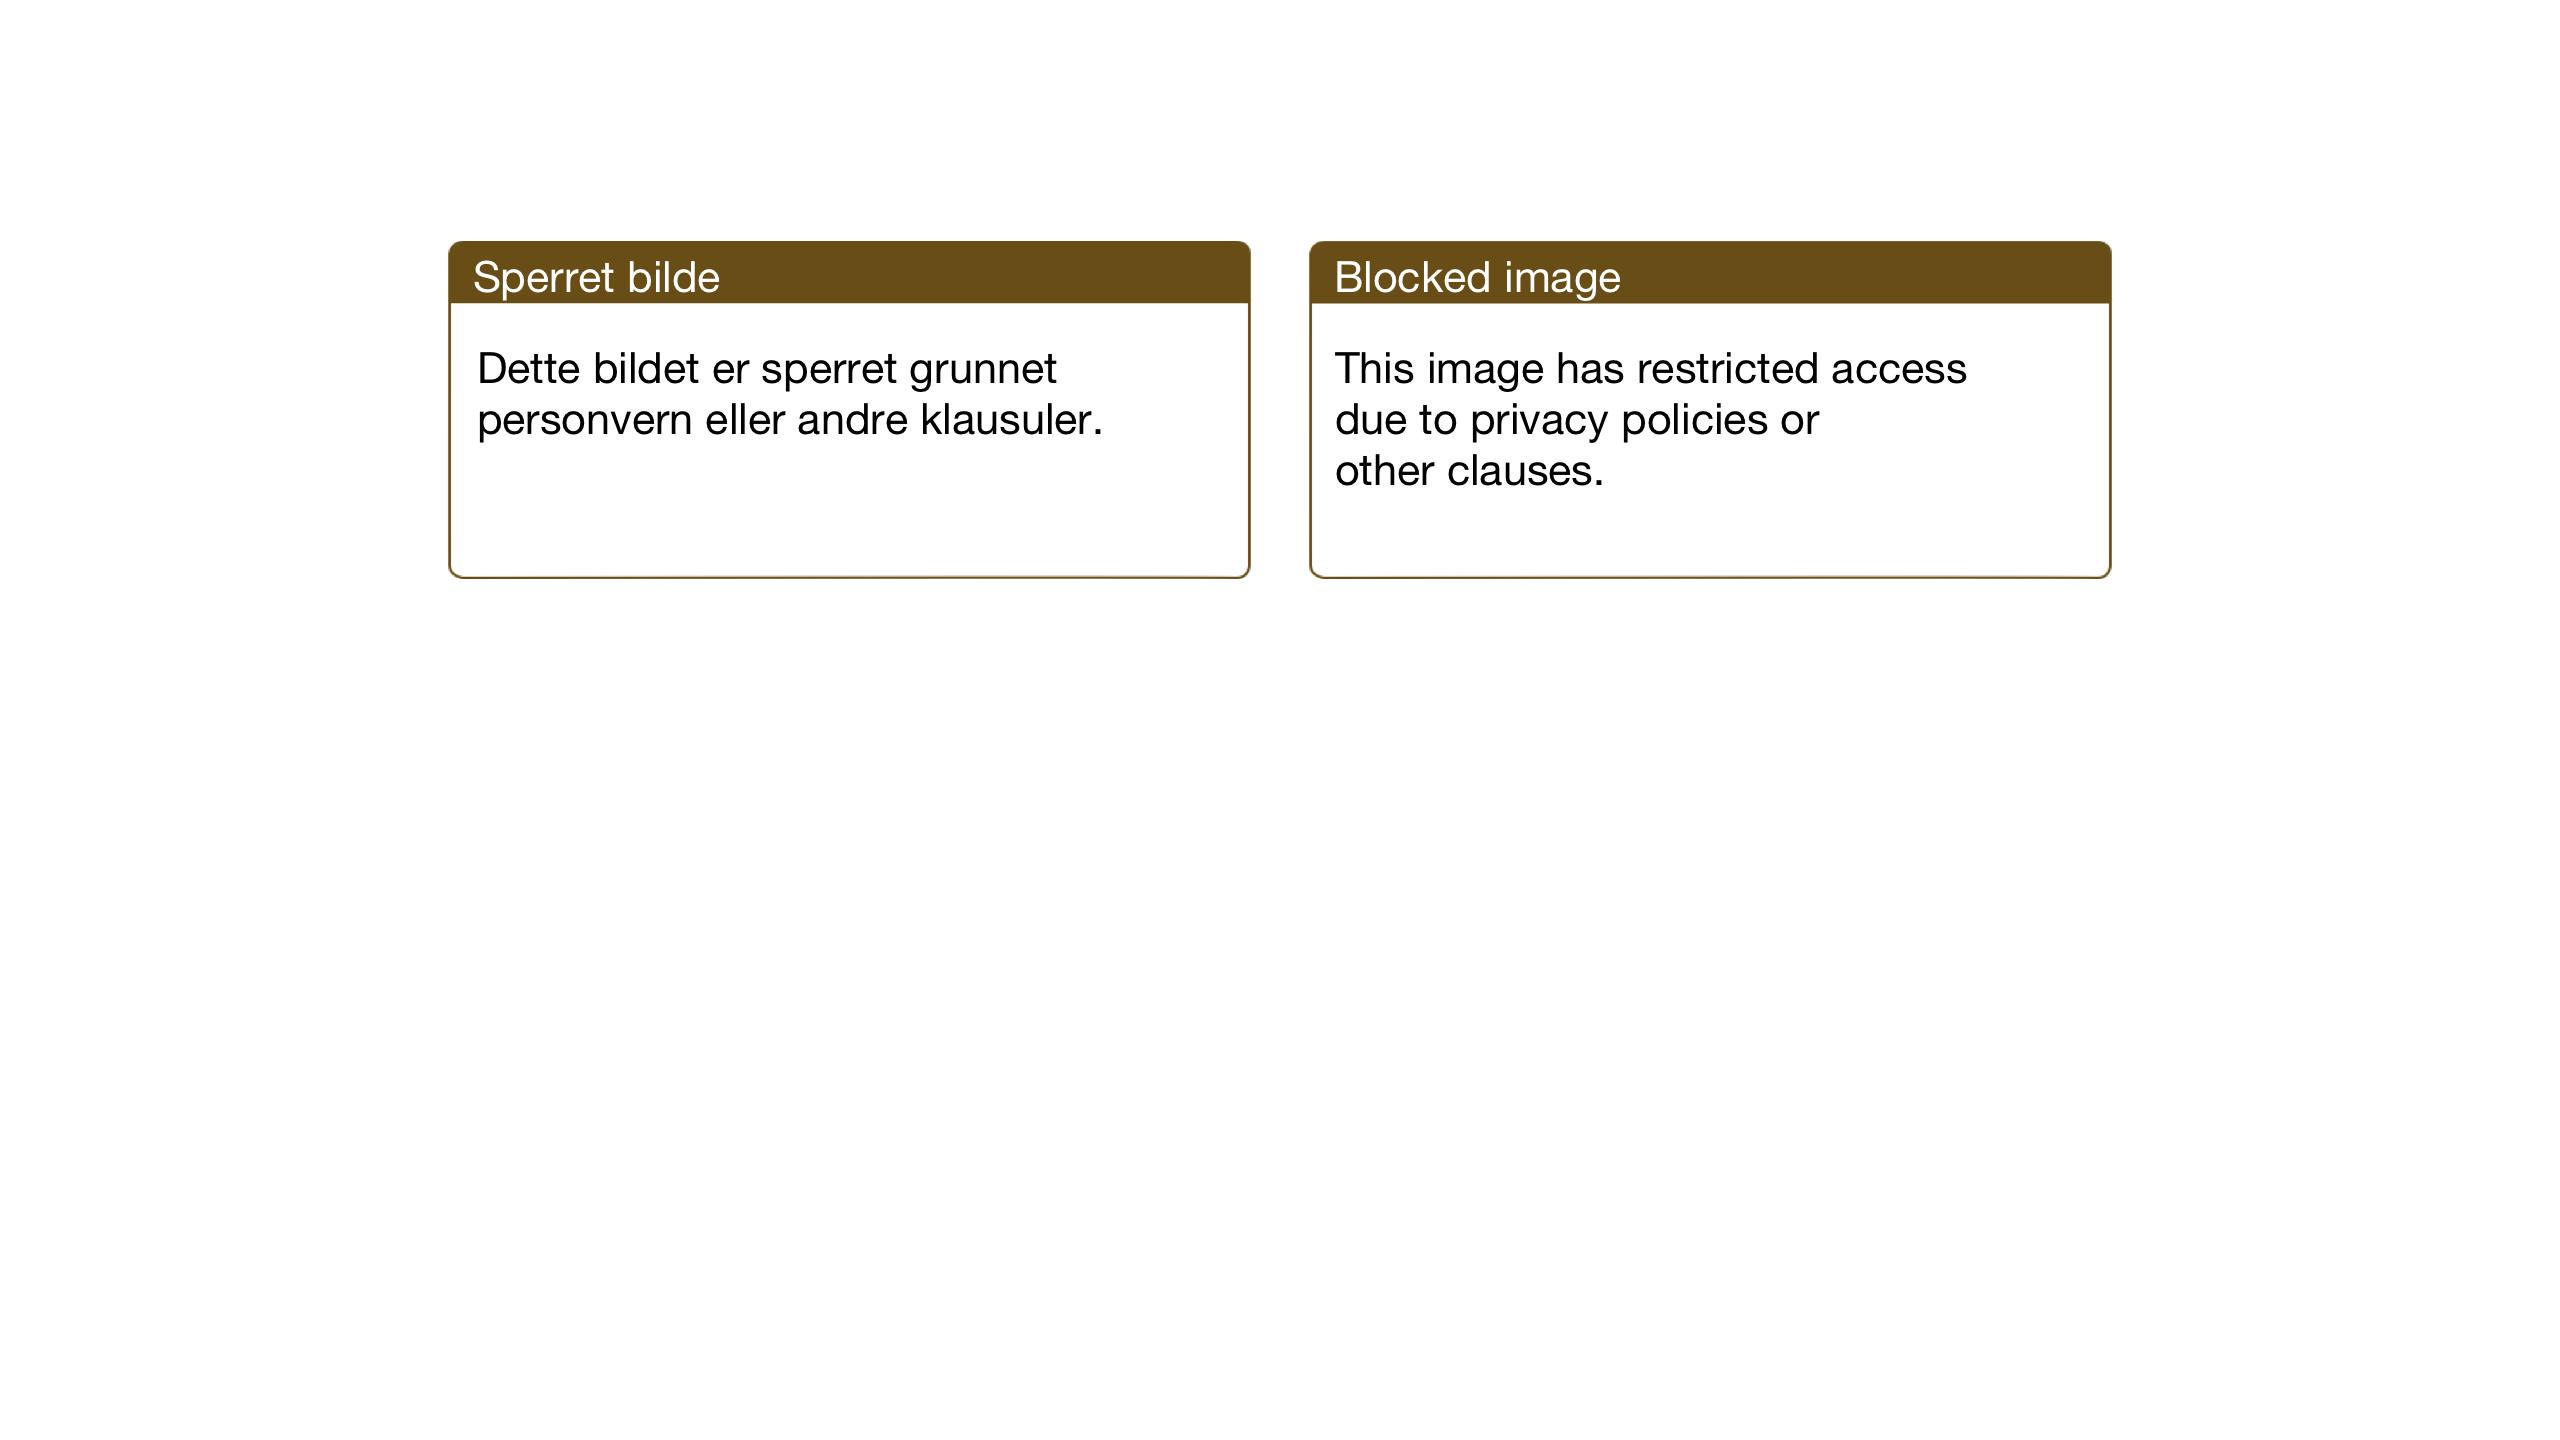 SAT, Ministerialprotokoller, klokkerbøker og fødselsregistre - Sør-Trøndelag, 690/L1053: Klokkerbok nr. 690C03, 1930-1947, s. 75